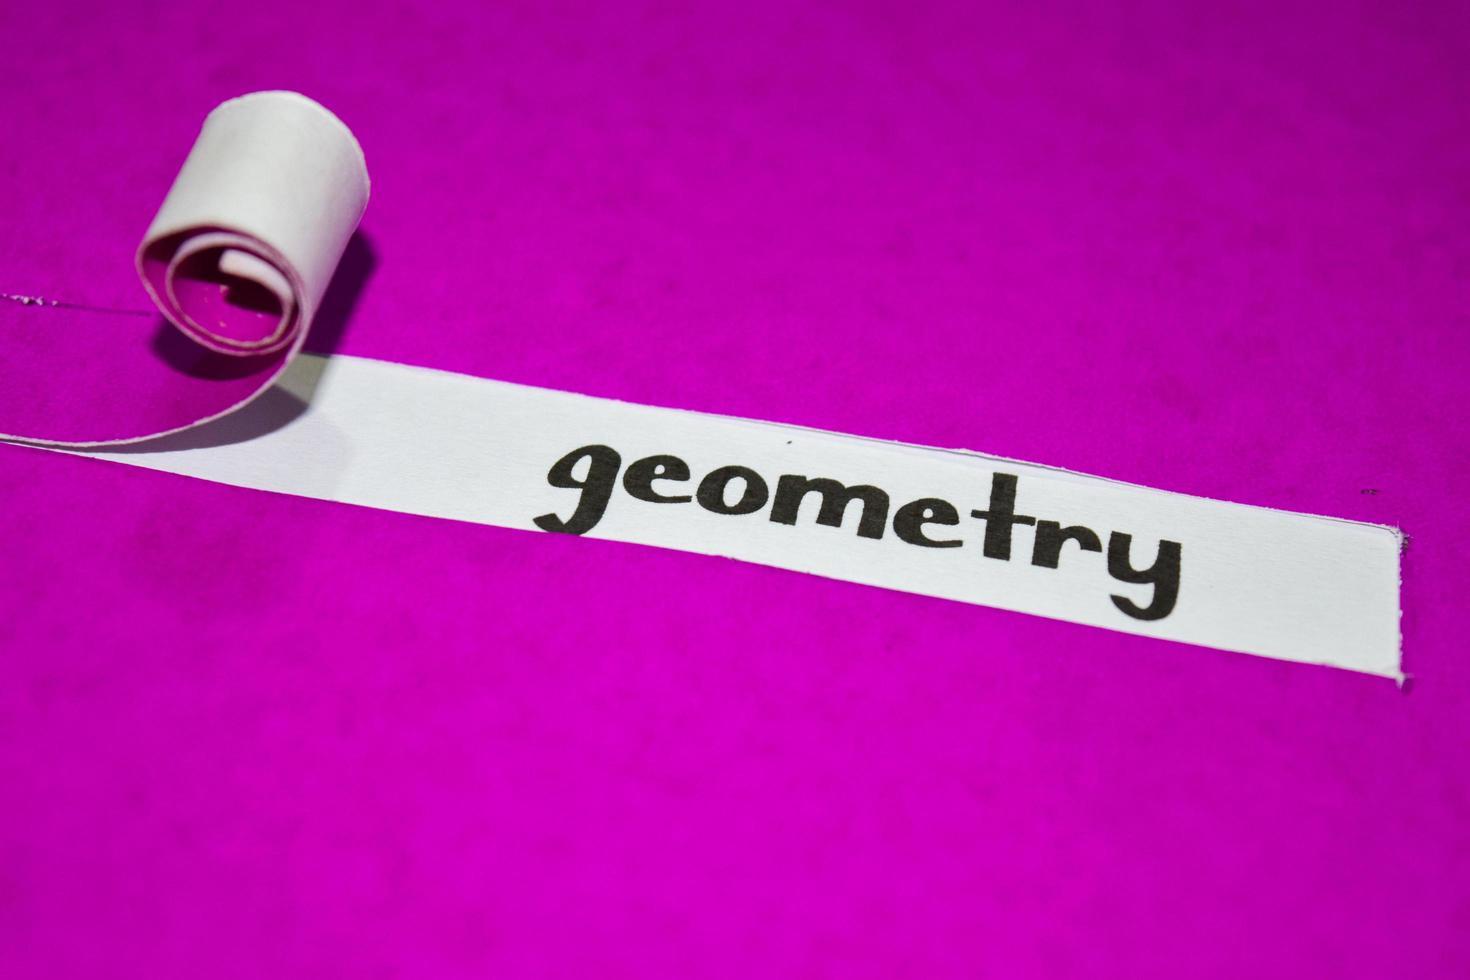 meetkundetekst, inspiratie, motivatie en bedrijfsconcept op paars gescheurd papier foto